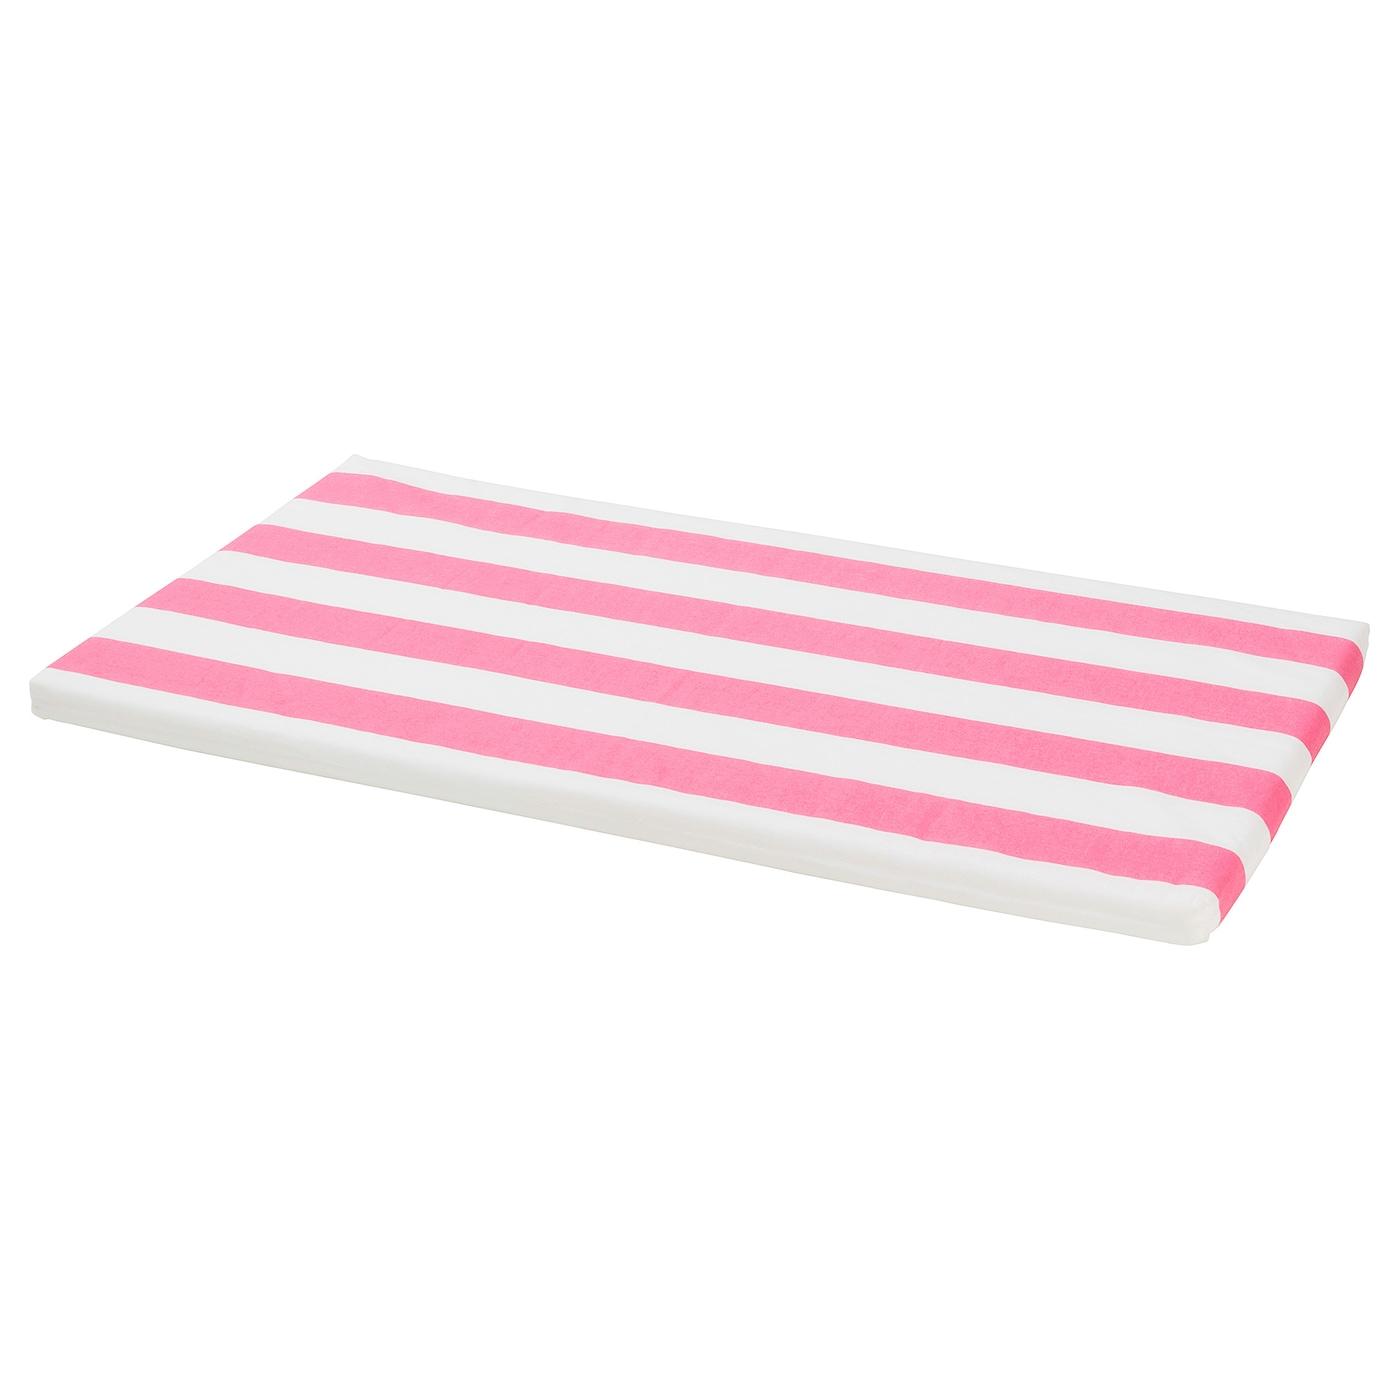 Cuscini Per Panche Ikea.Hemmahos Cuscino Per Panca Rosa